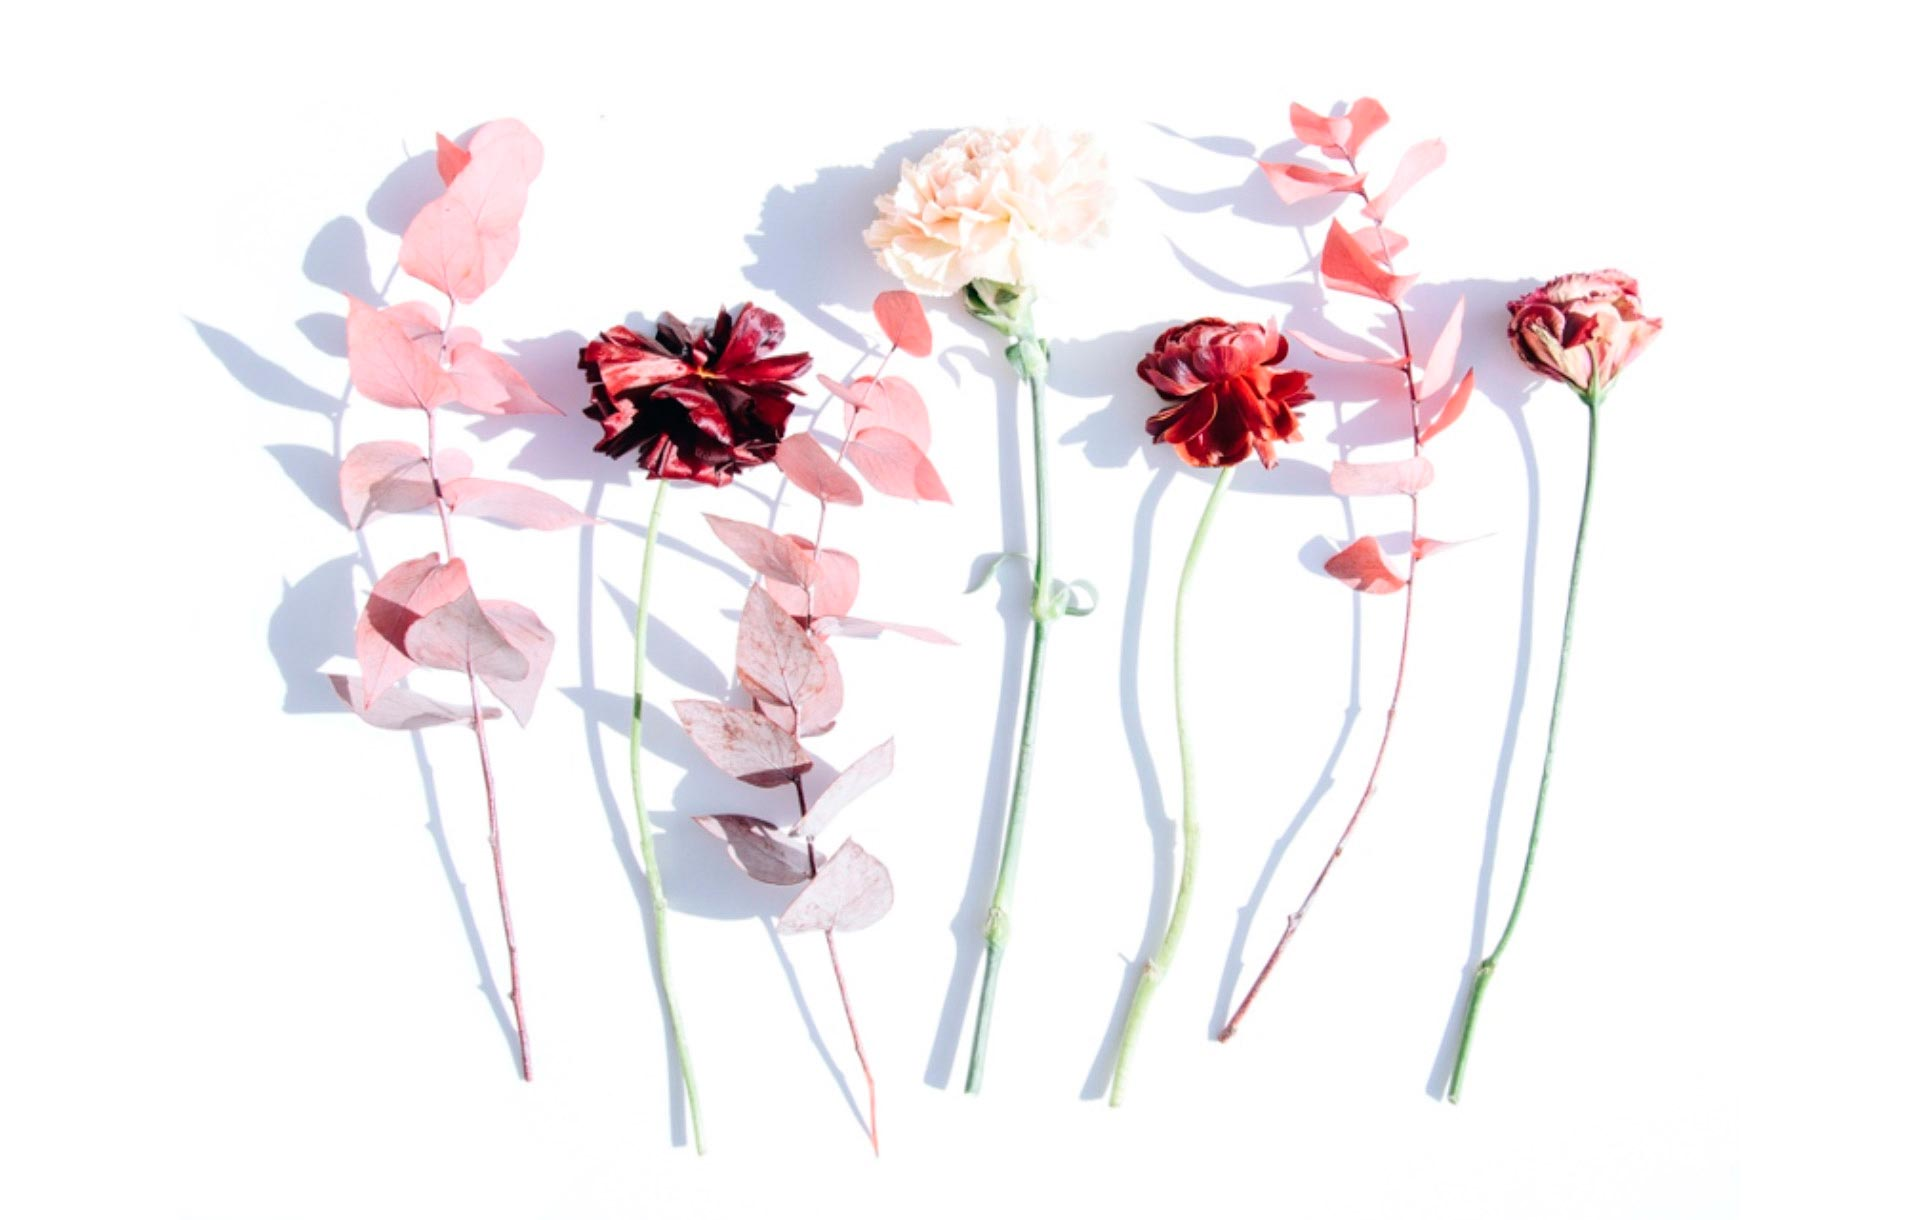 <strong>Assecar flors i fulles</strong><br>Tot el que necessites saber per donar un segon ús a les plantes